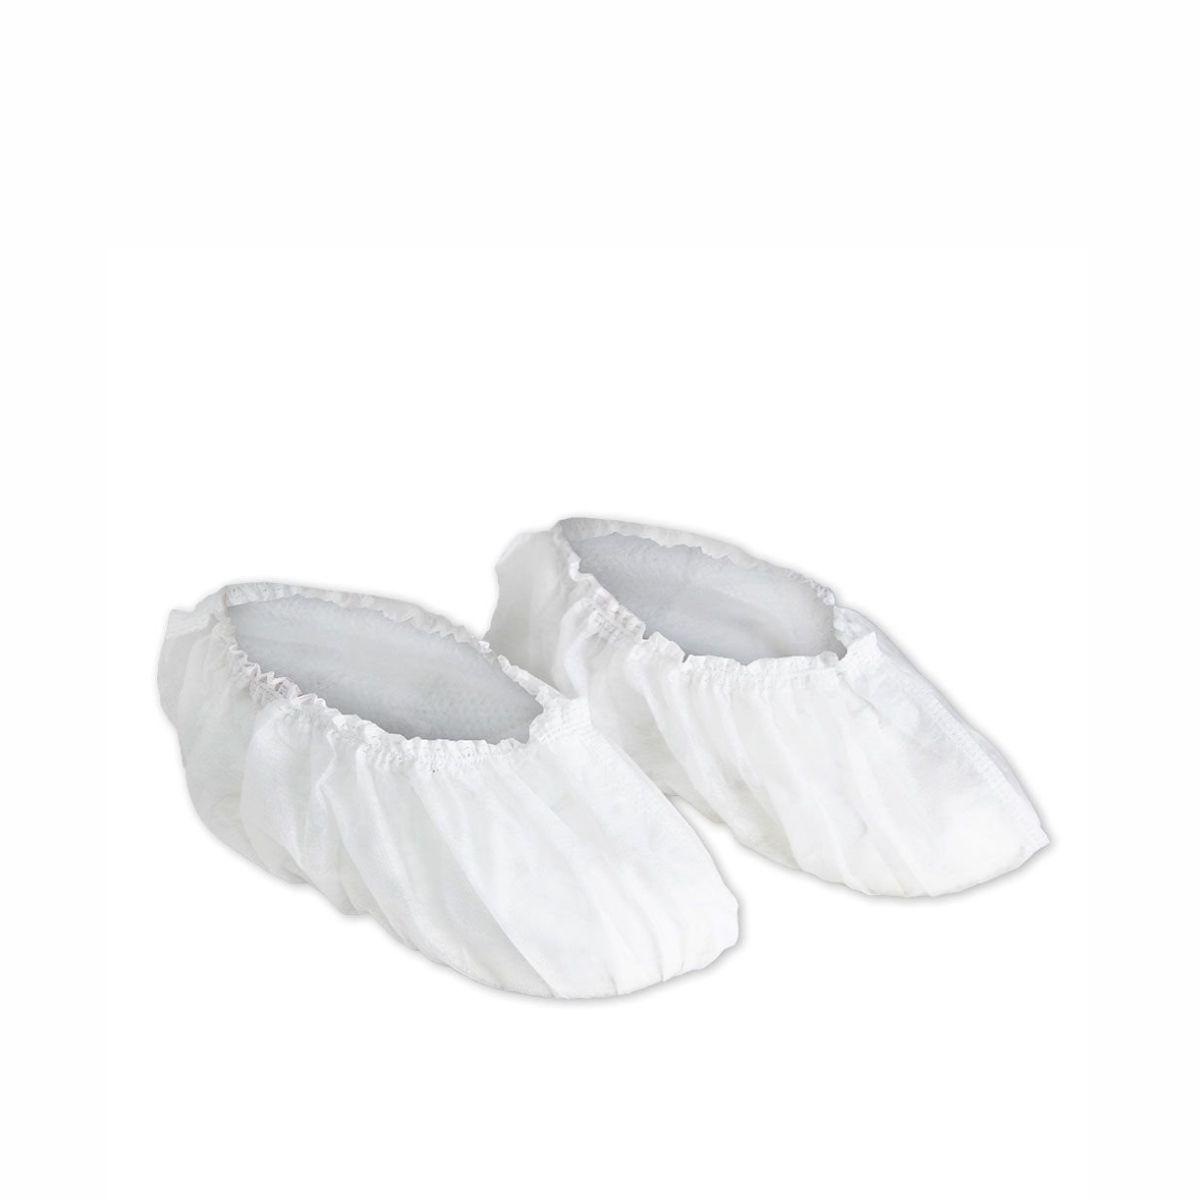 Sapatilha Propé Descartável Branca Estéril (100 unidades)